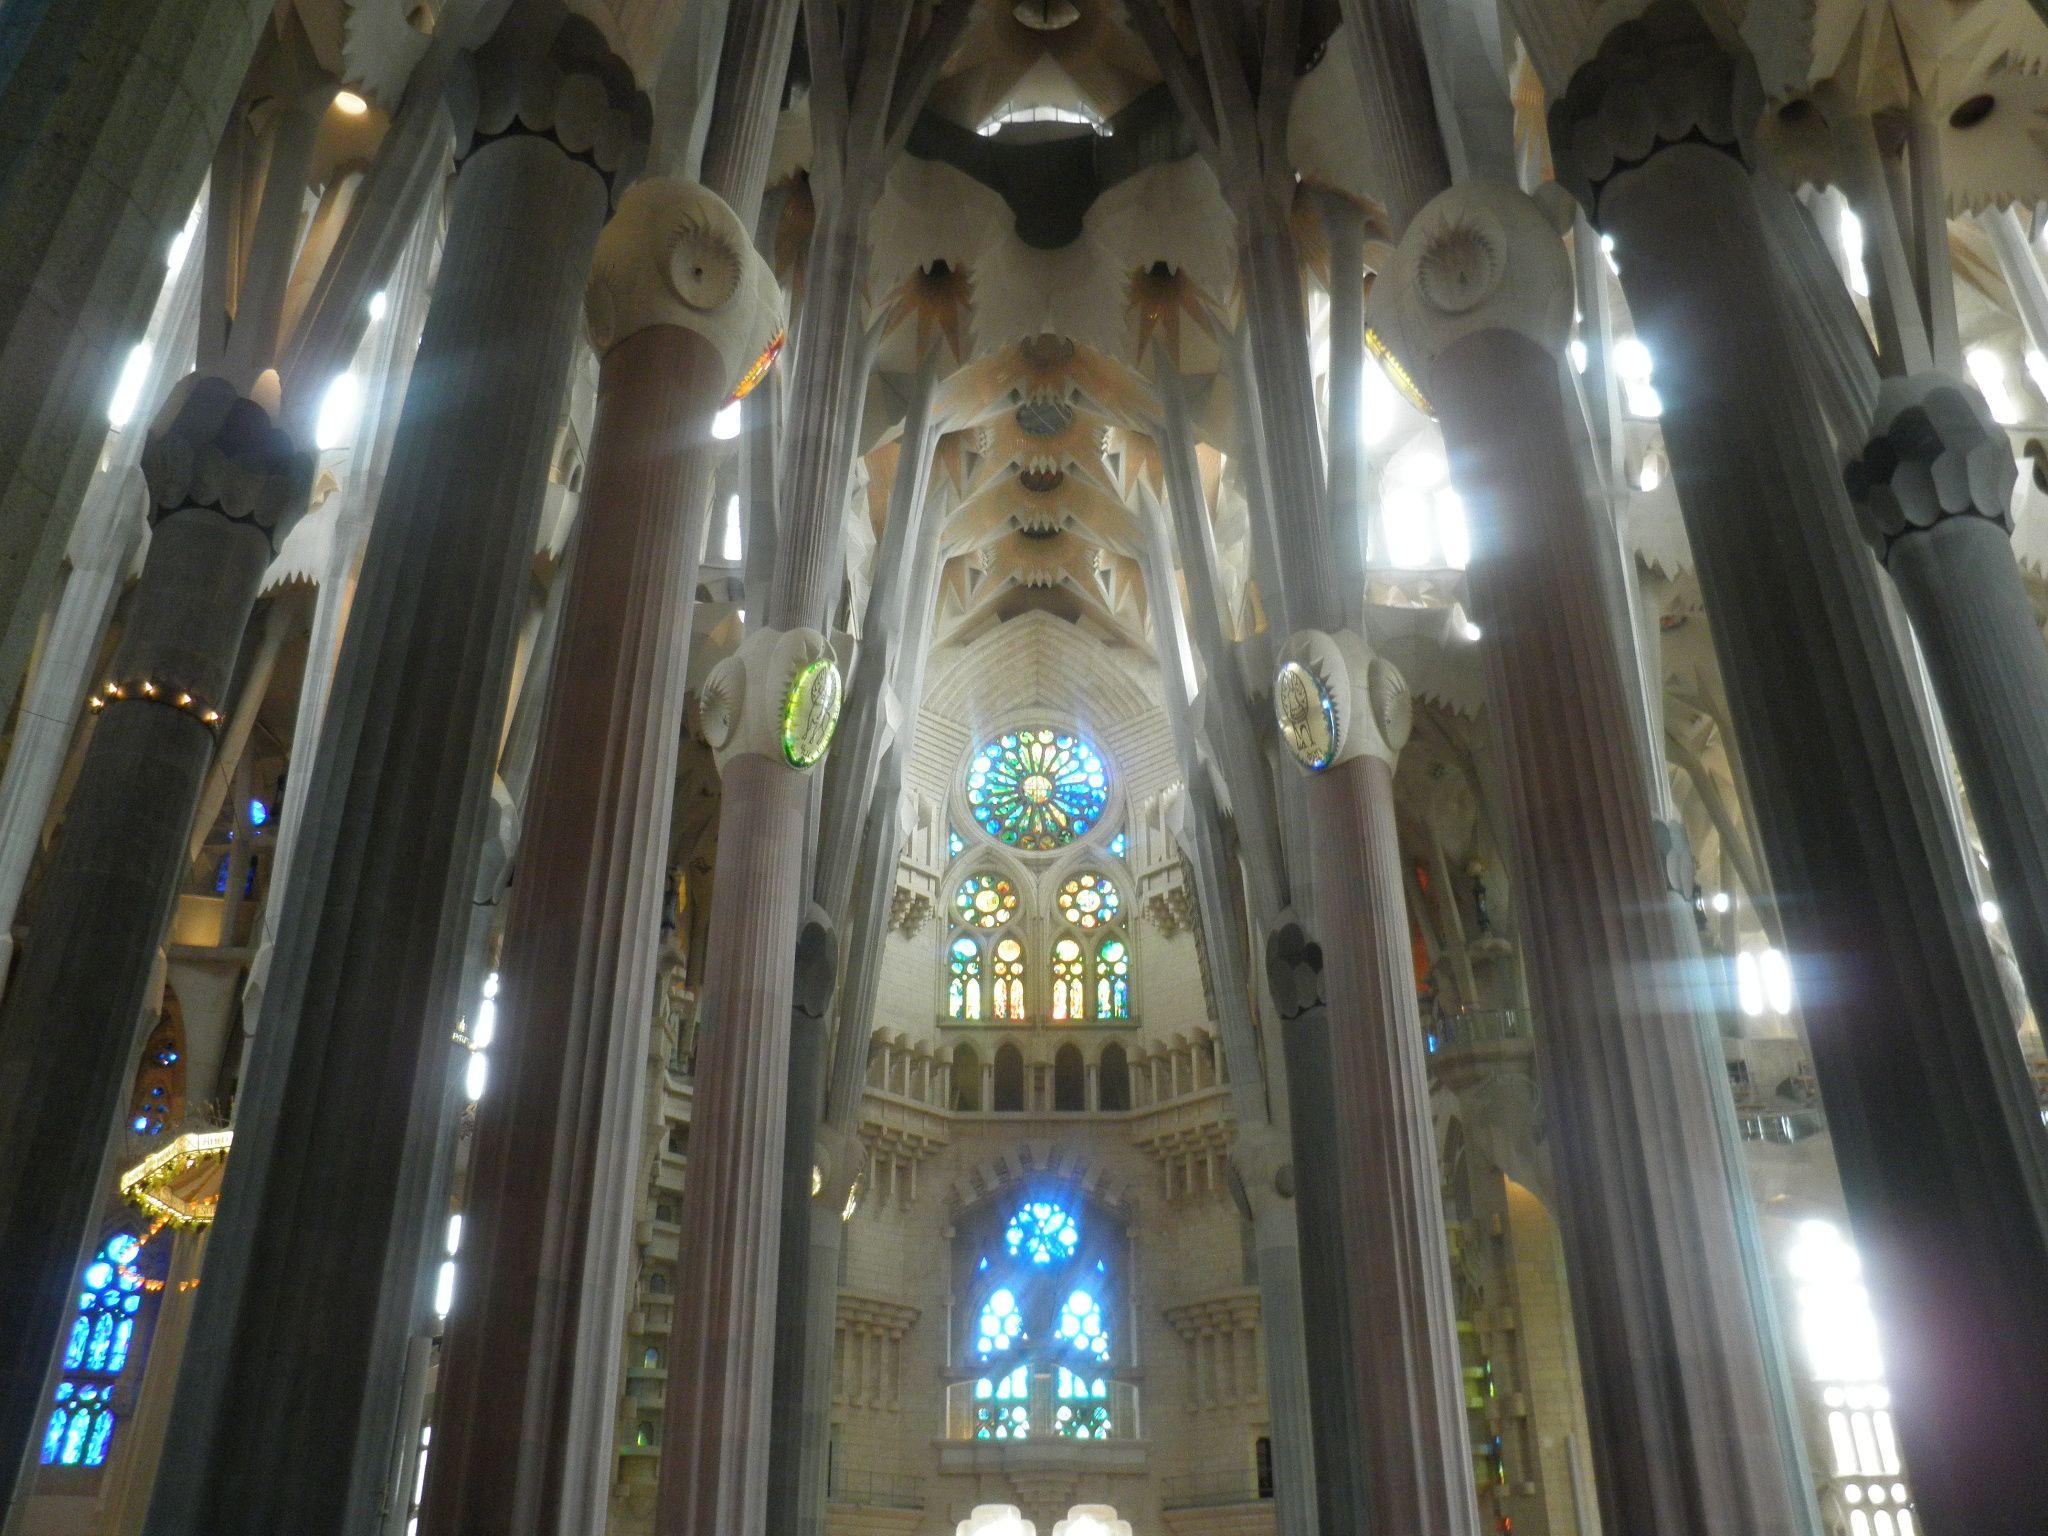 Inside la sagrada familia barcelona places i 39 ve been for La sagrada familia inside